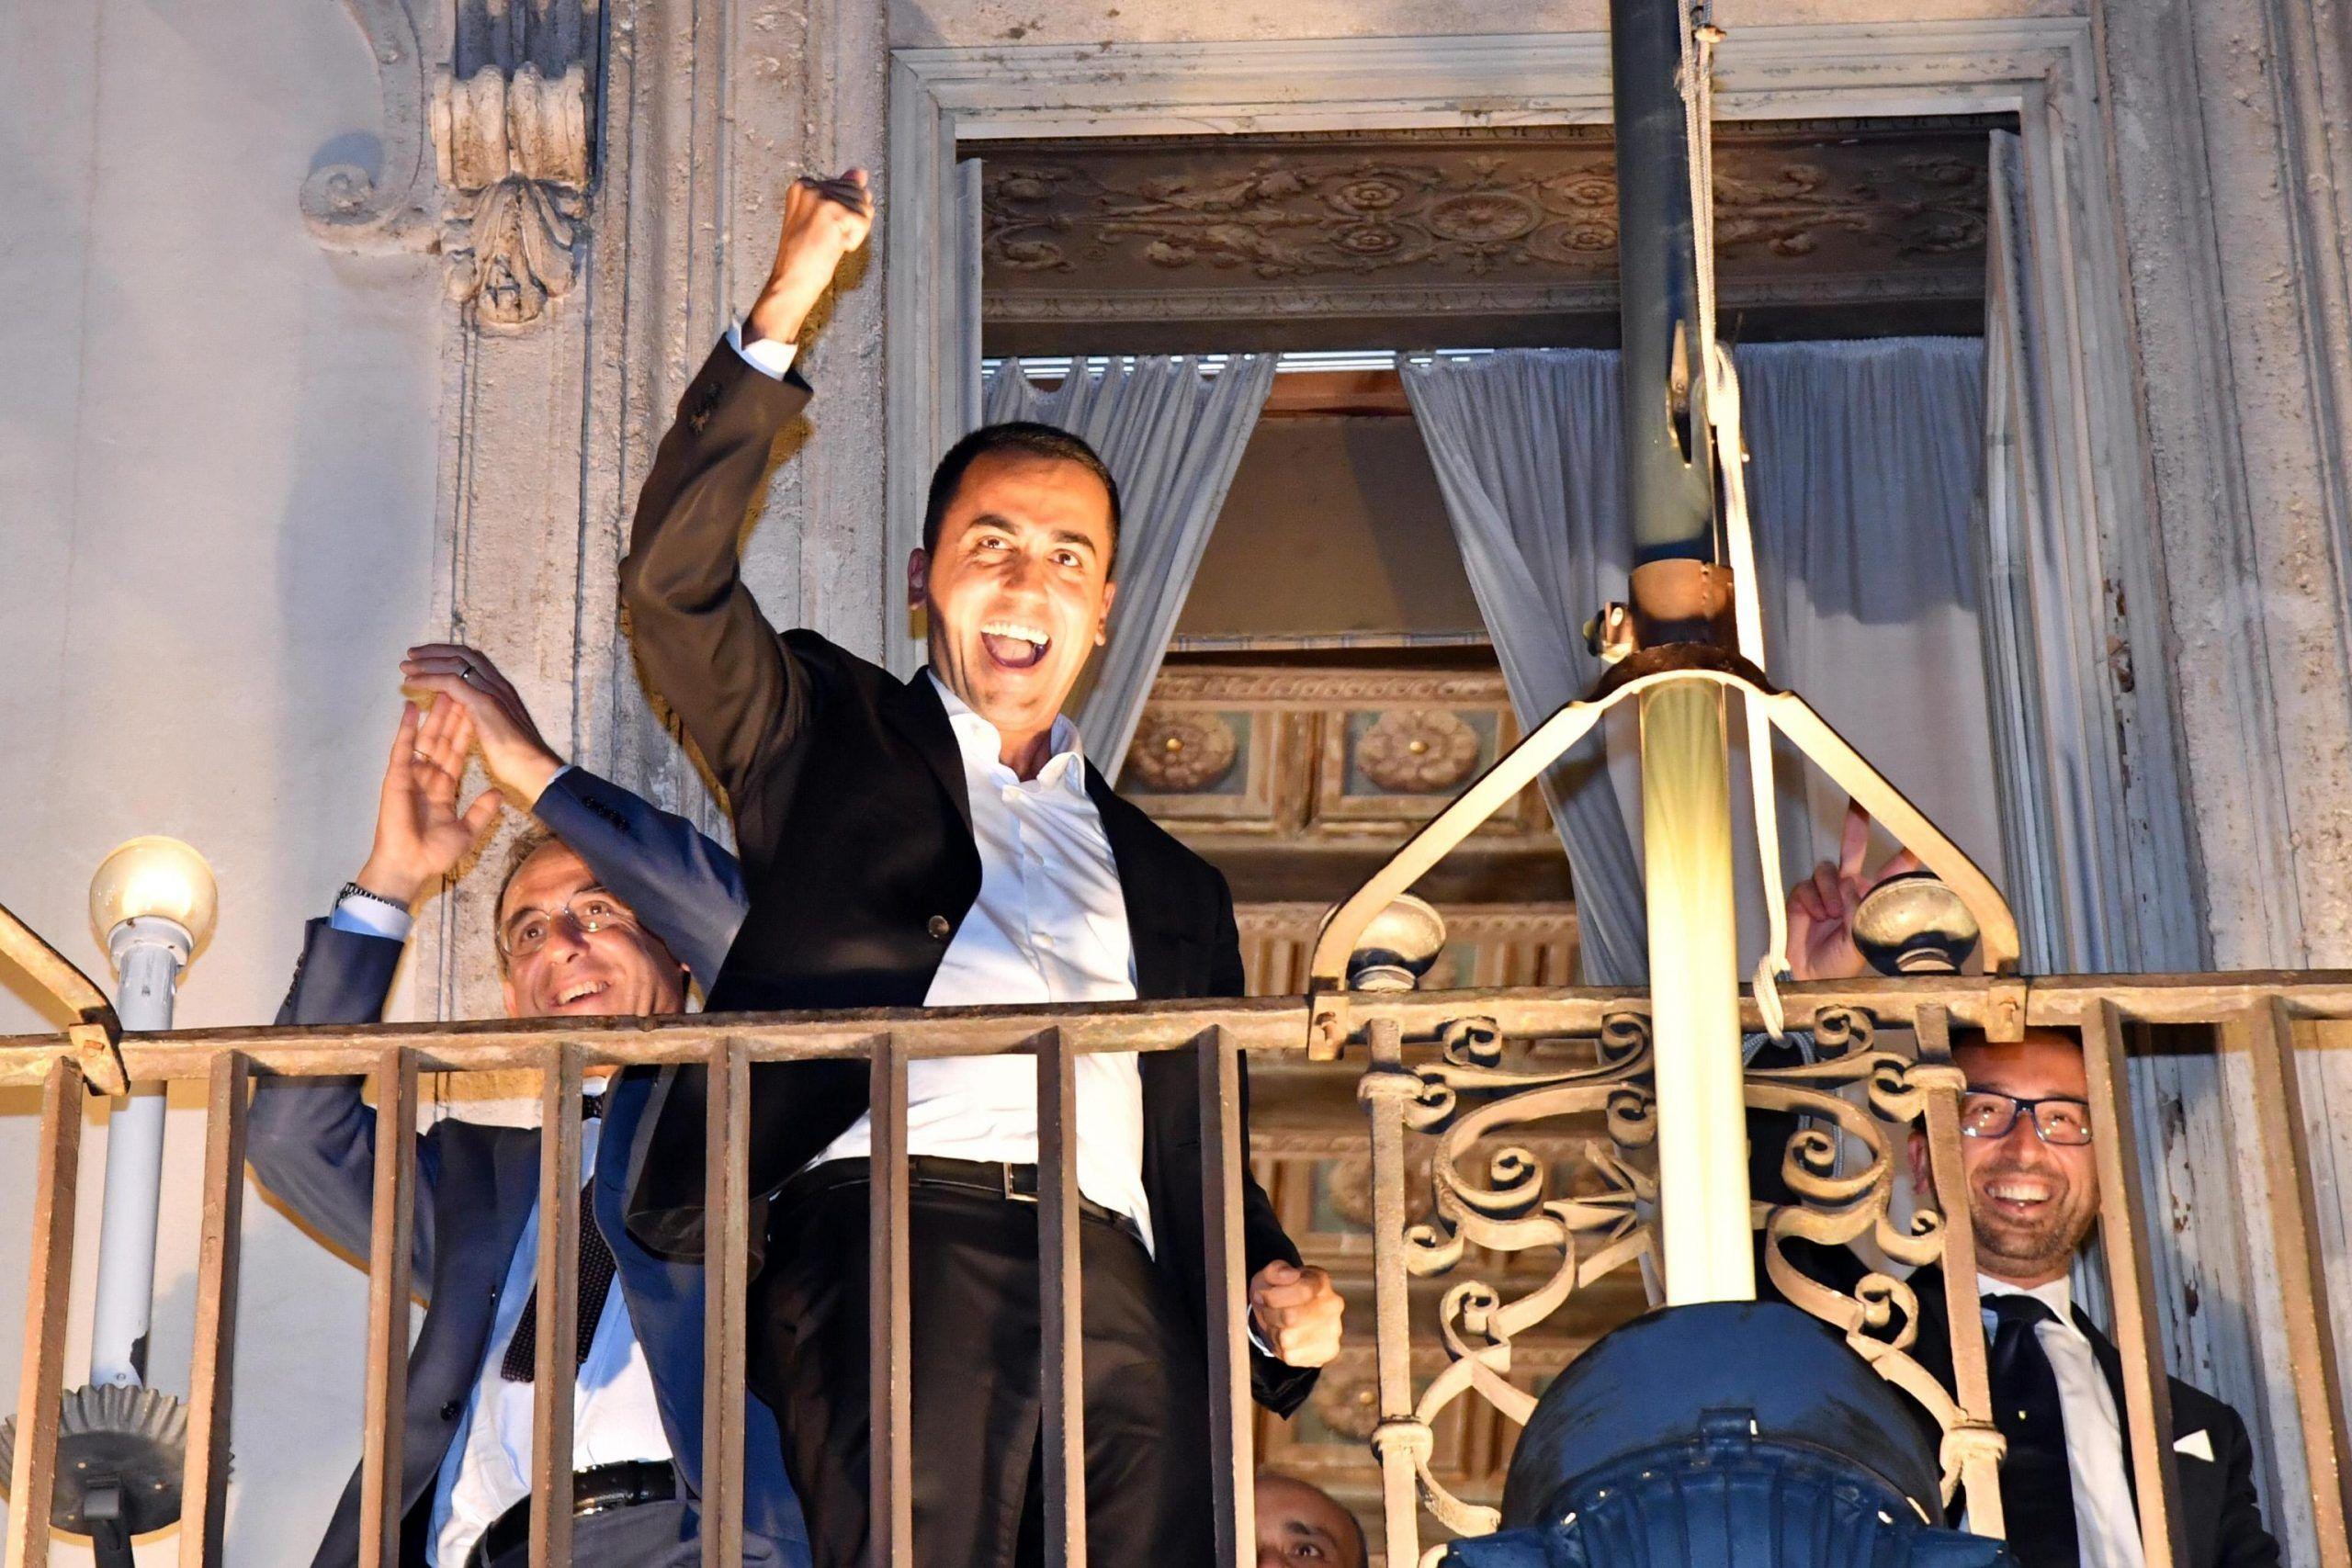 Manovra finanziaria con 2,4% di deficit, Di Maio dal balcone di Palazzo Chigi: 'Ce l'abbiamo fatta'